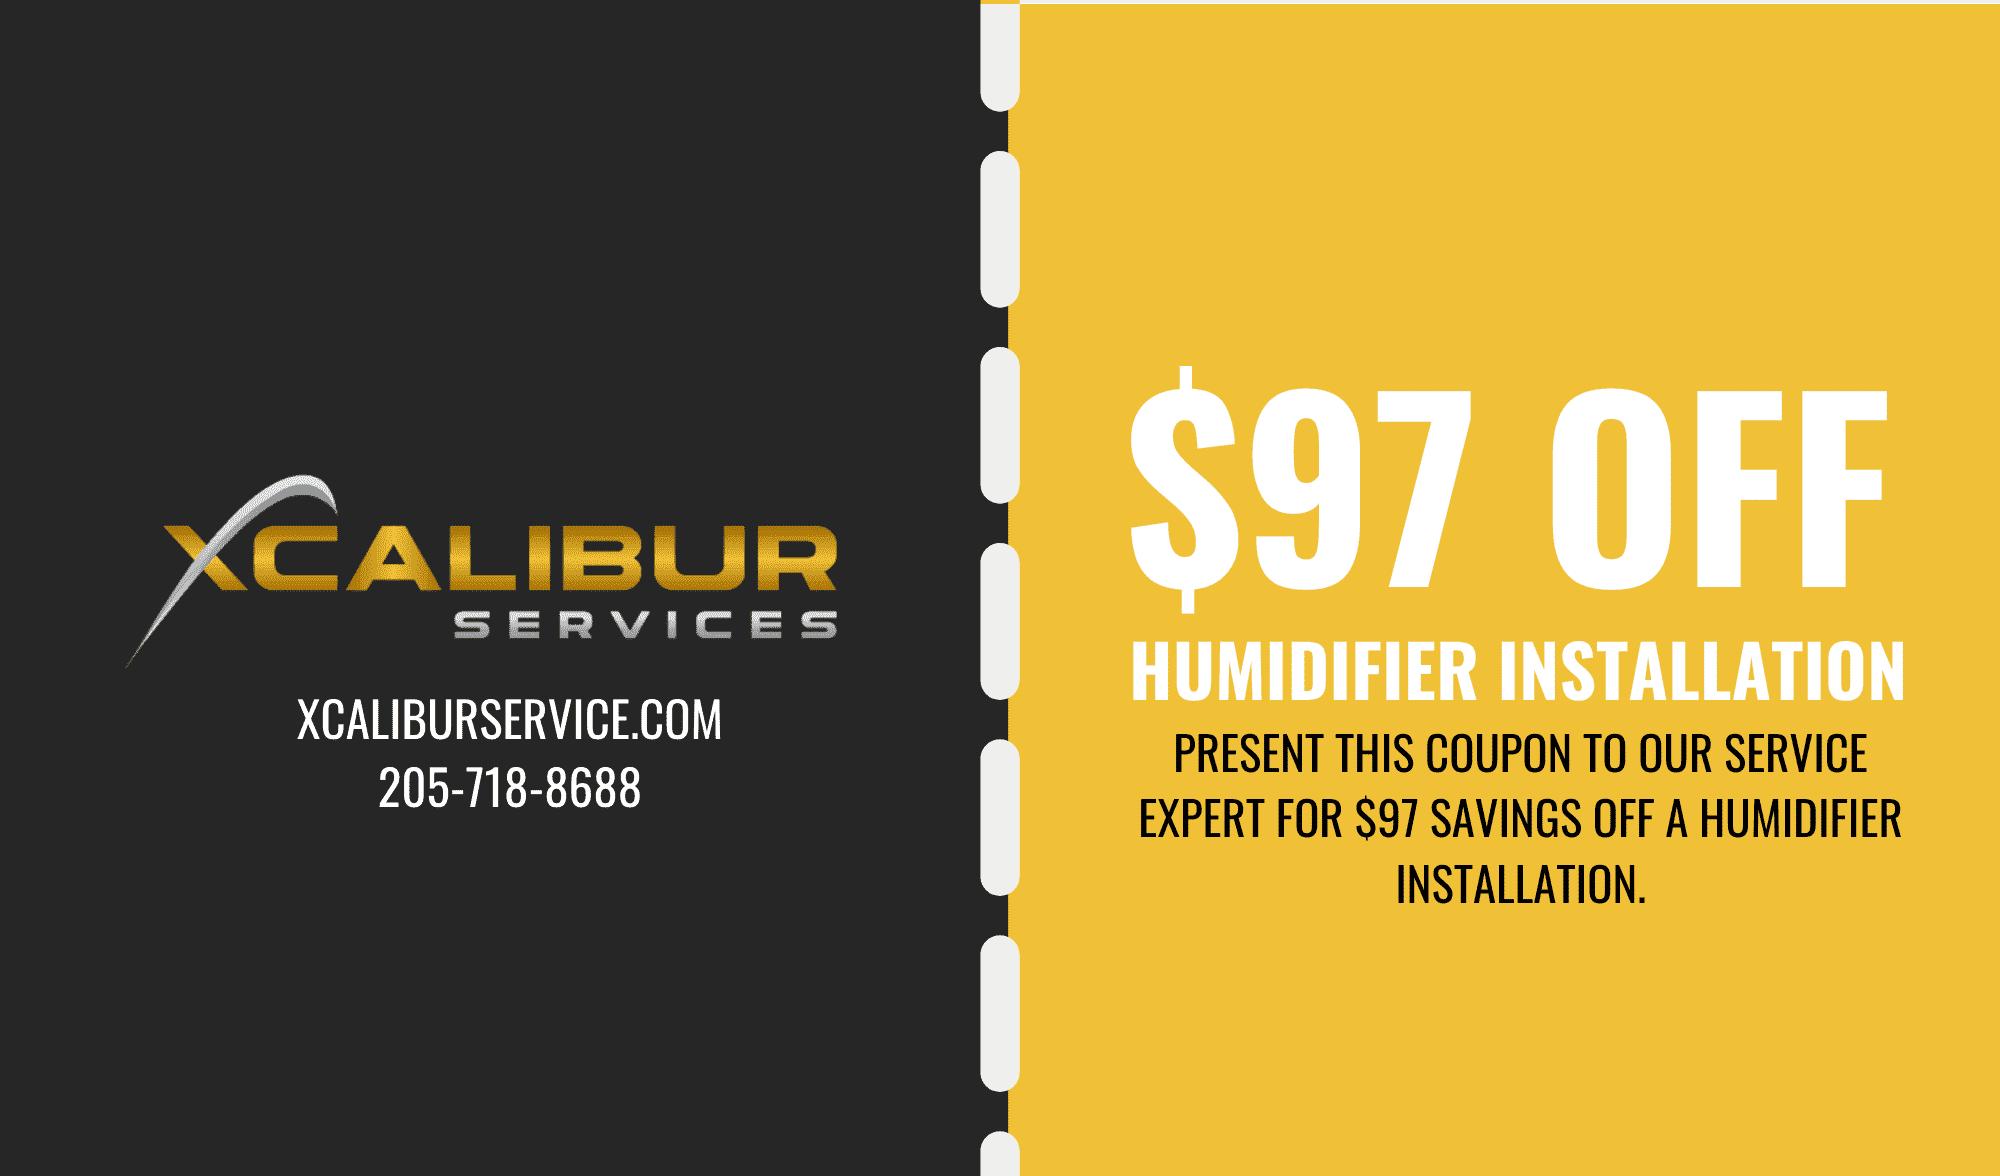 xcalibur_coupon9